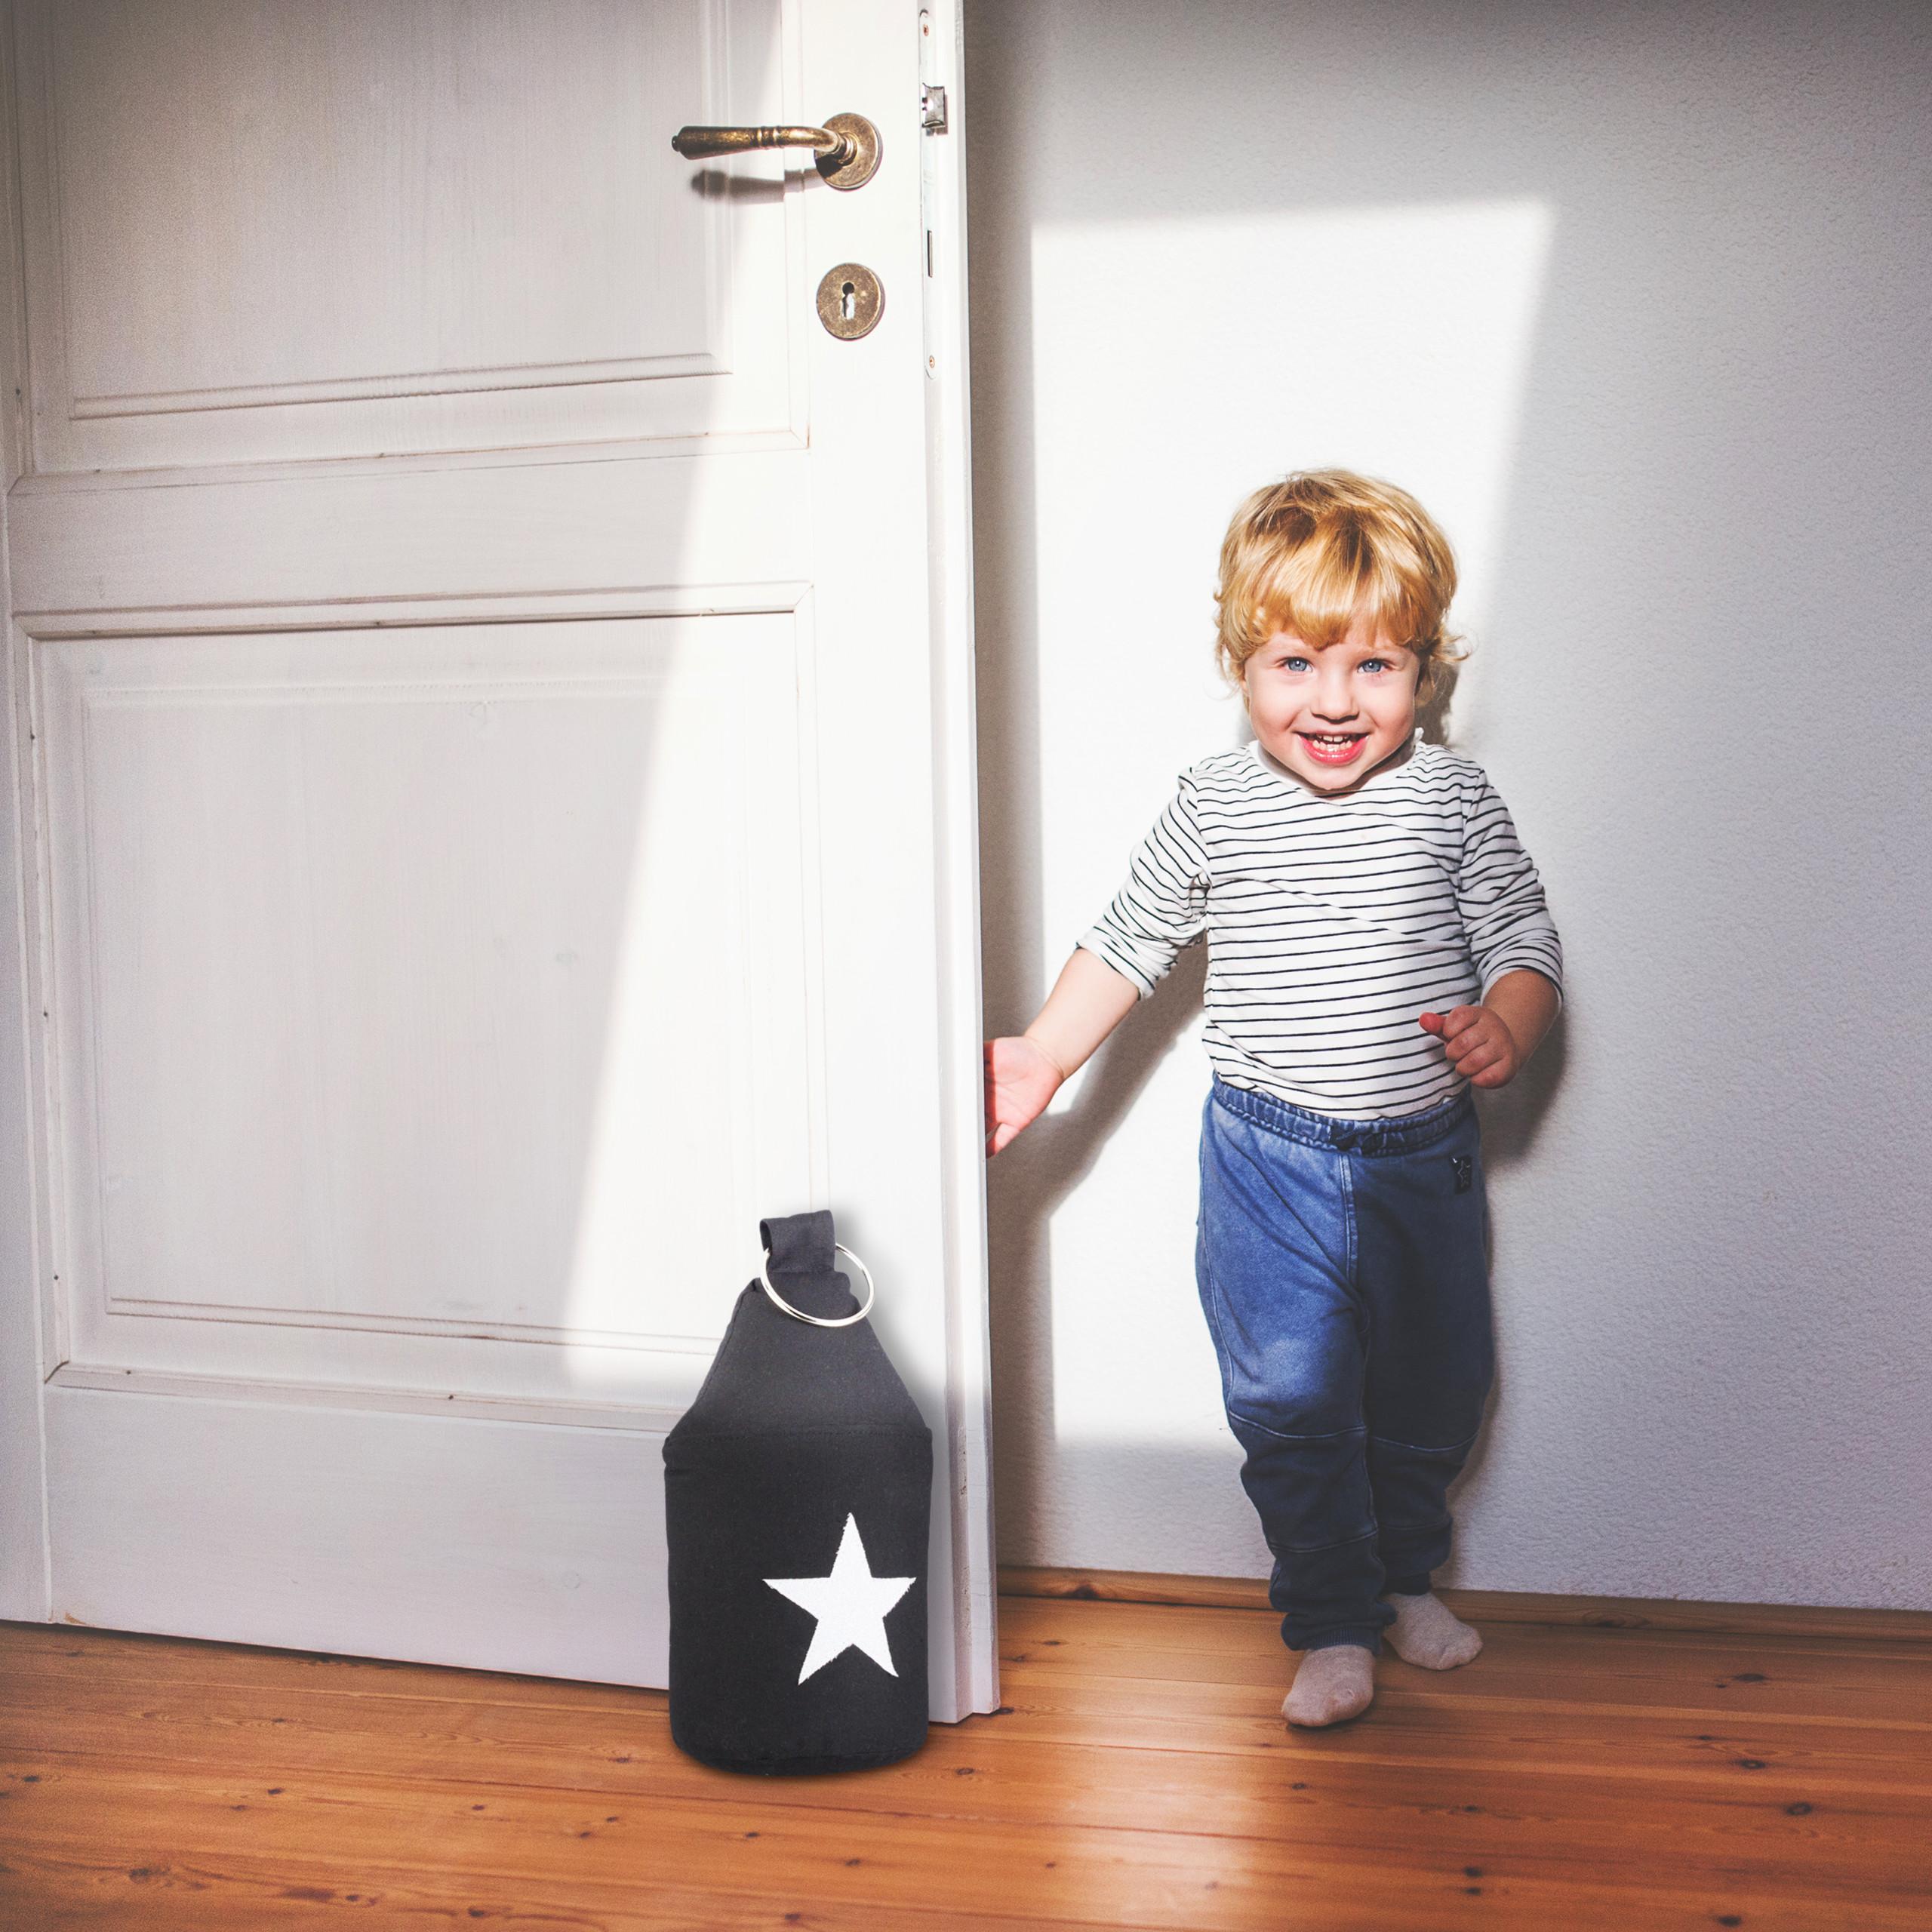 Door-Stop-with-Star-Fabric-Bumper-Floor-Doorstop-Tall-with-Handle-Chic thumbnail 3